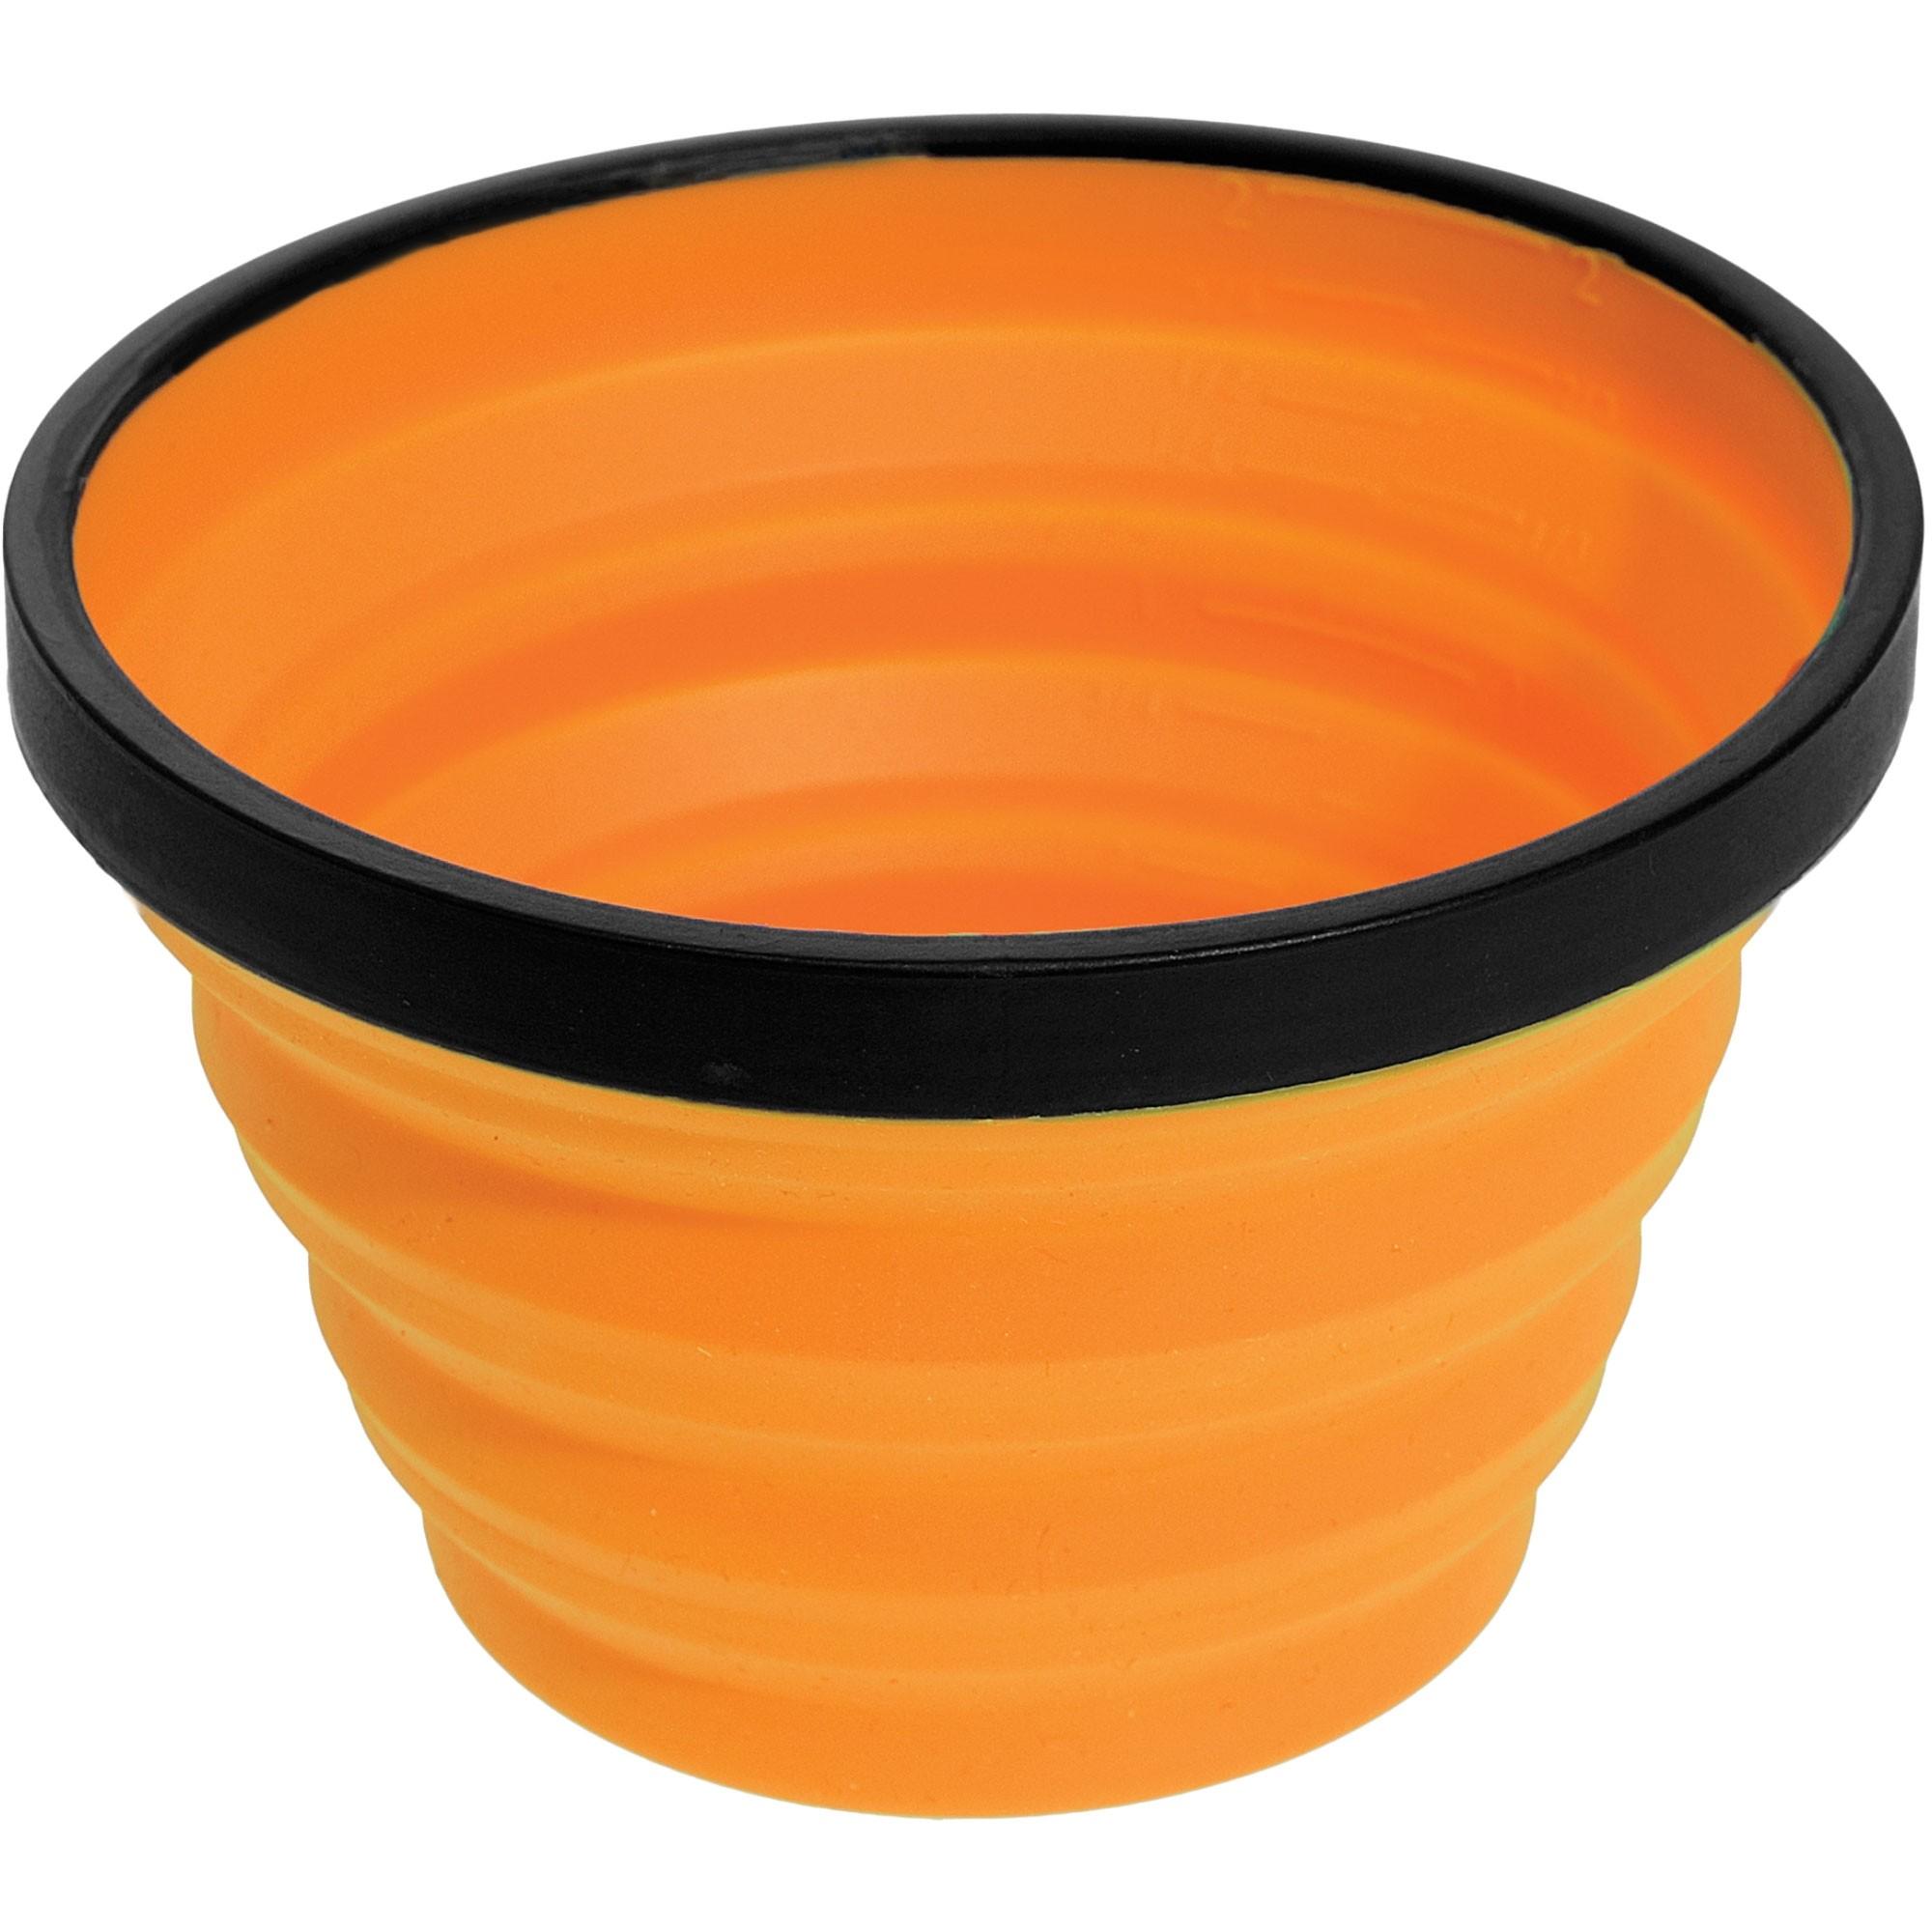 Sea to Summit X-Cup - Orange